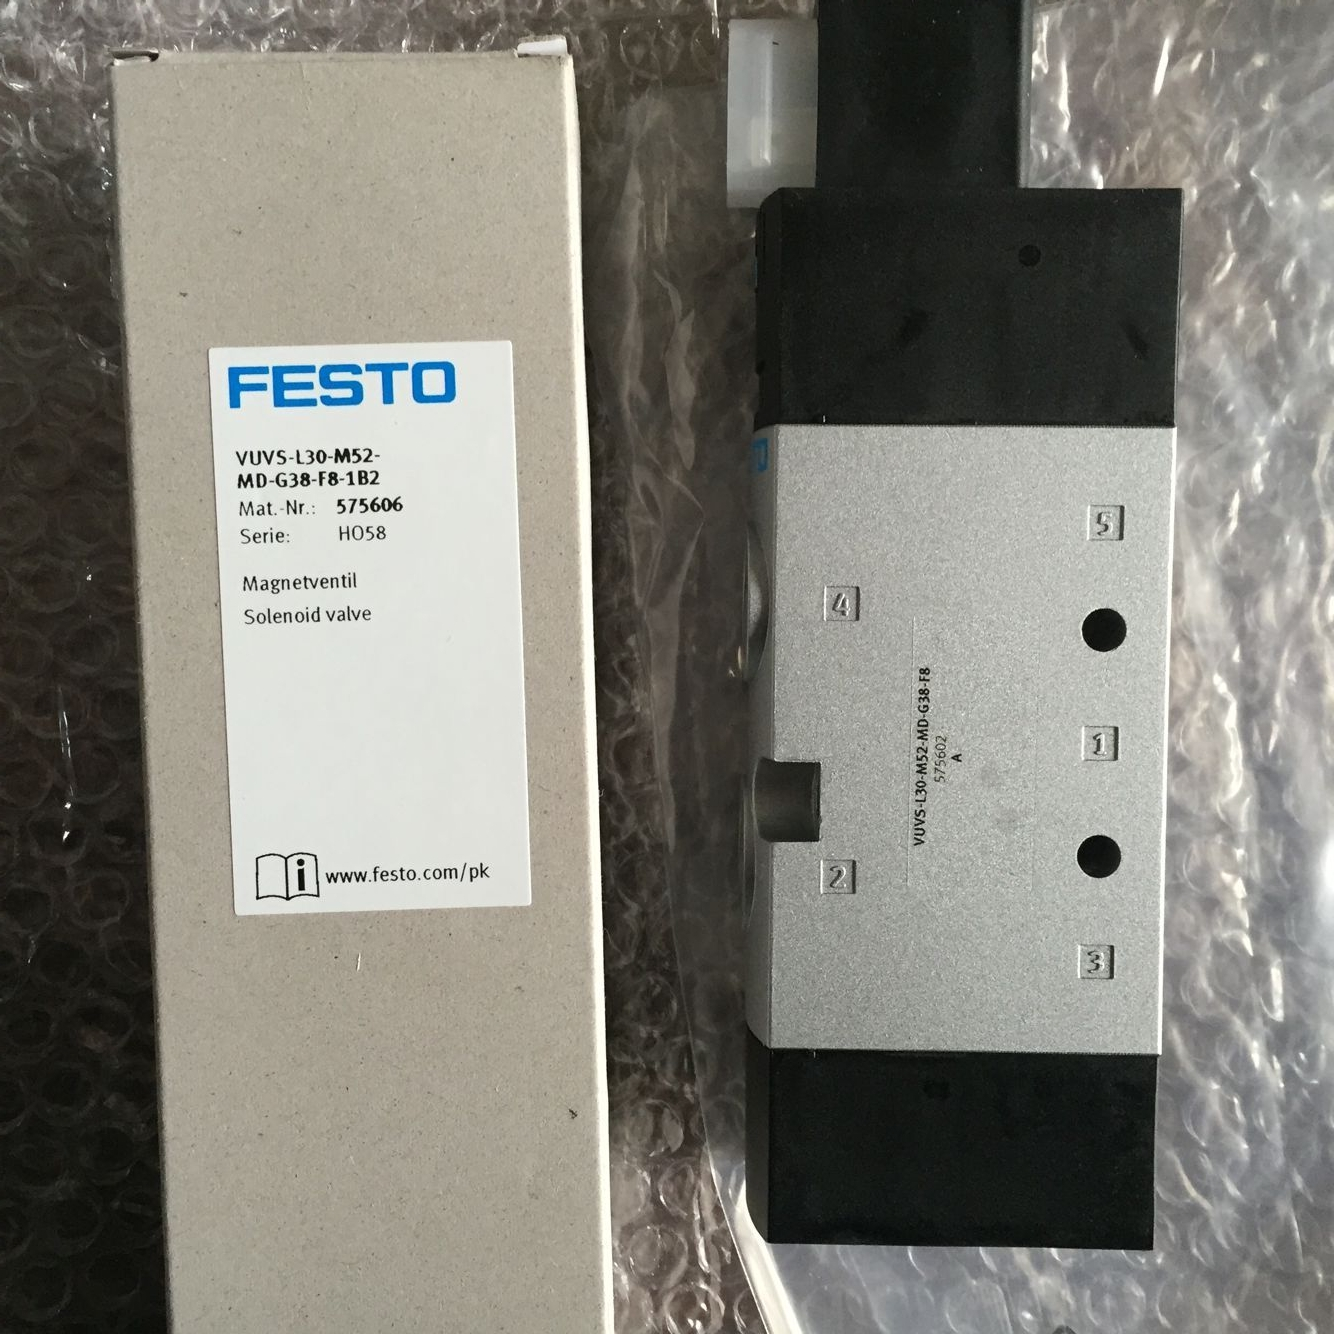 Van FESTO VUVS-L30-M52-MD-G38-F8-1B2 575606